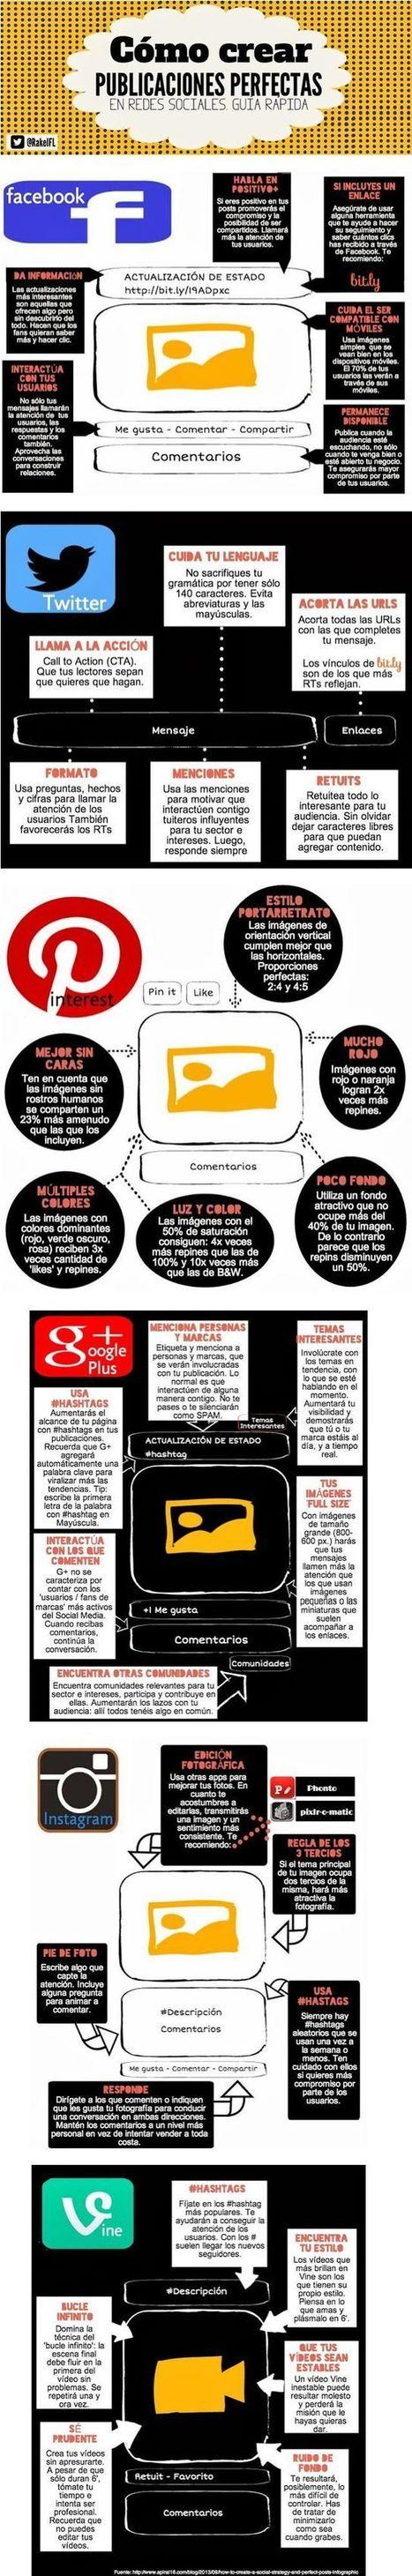 Cómo crear publicaciones perfectas en Redes Sociales | Las Tics y las ciencias de la informacion | Scoop.it